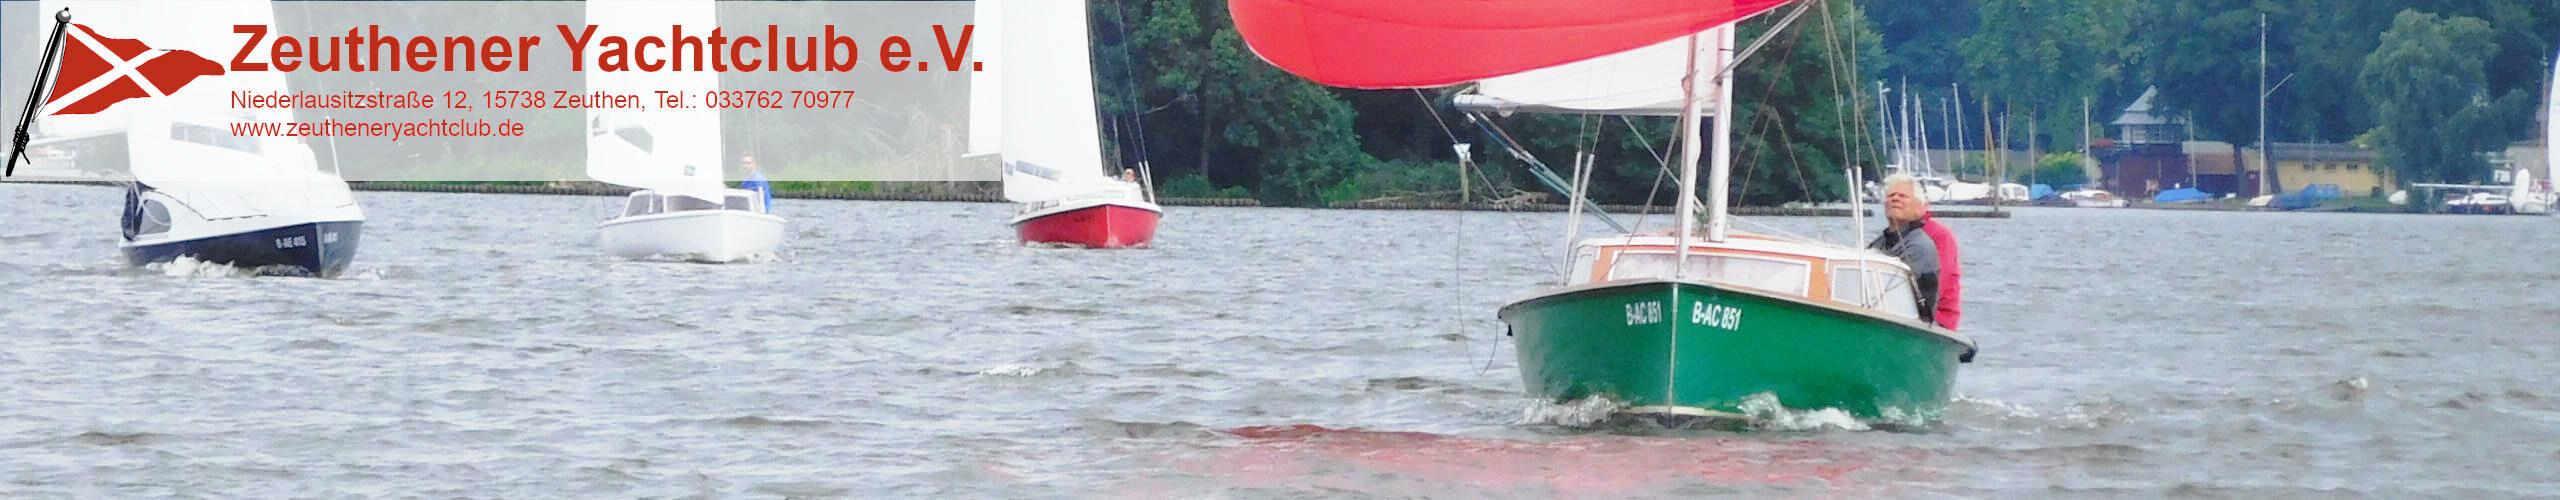 Zeuthener Yachtclub e.V.